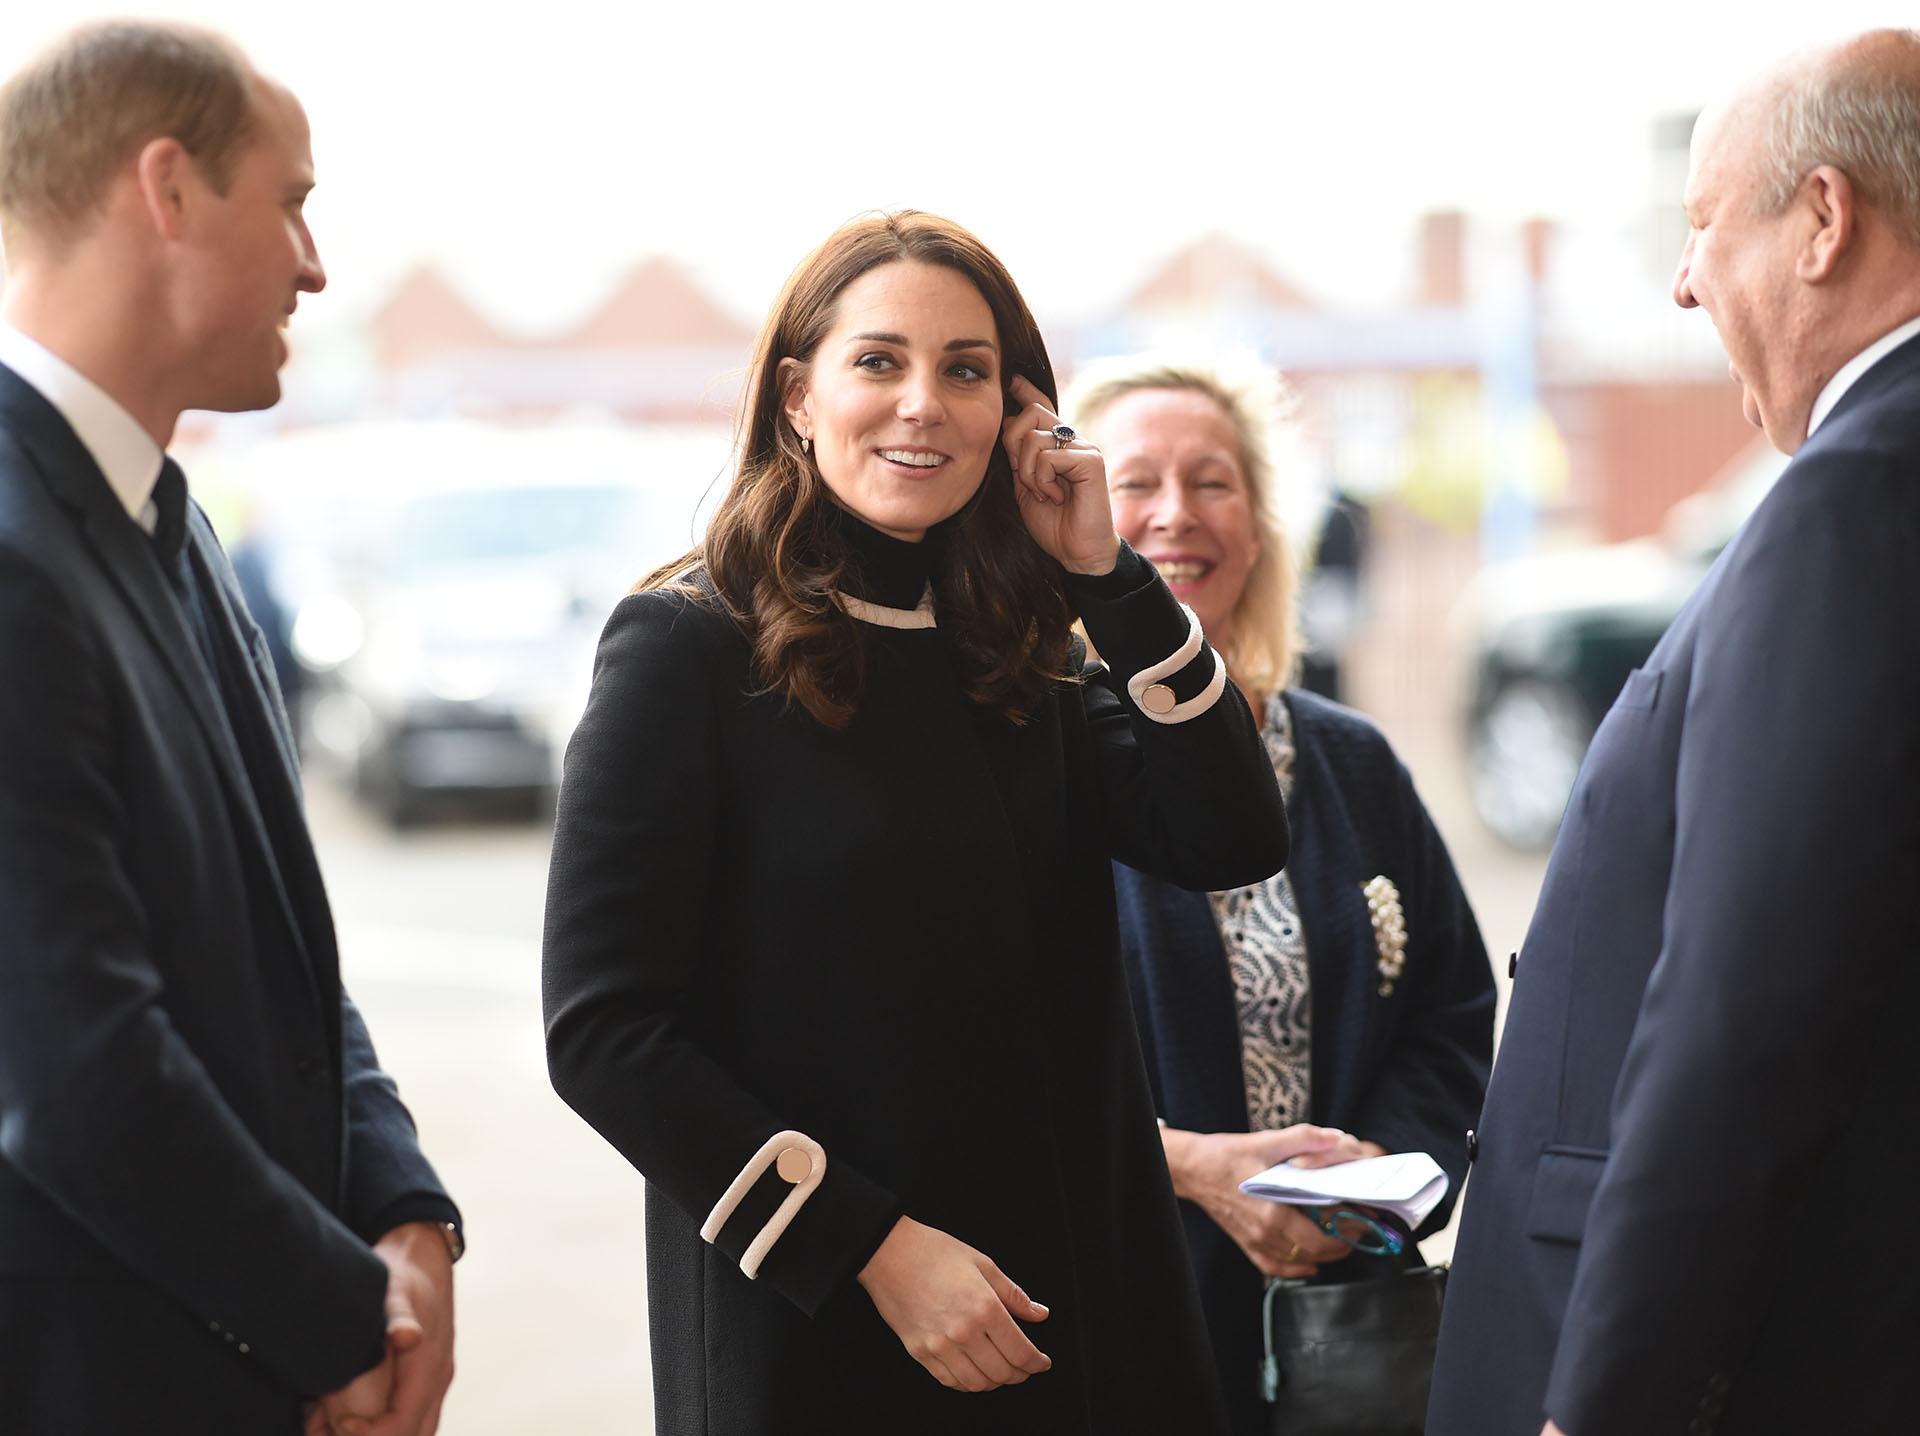 La pareja real ya tiene dos hijos: los príncipes George, de 4 años, y Charlotte, de 2